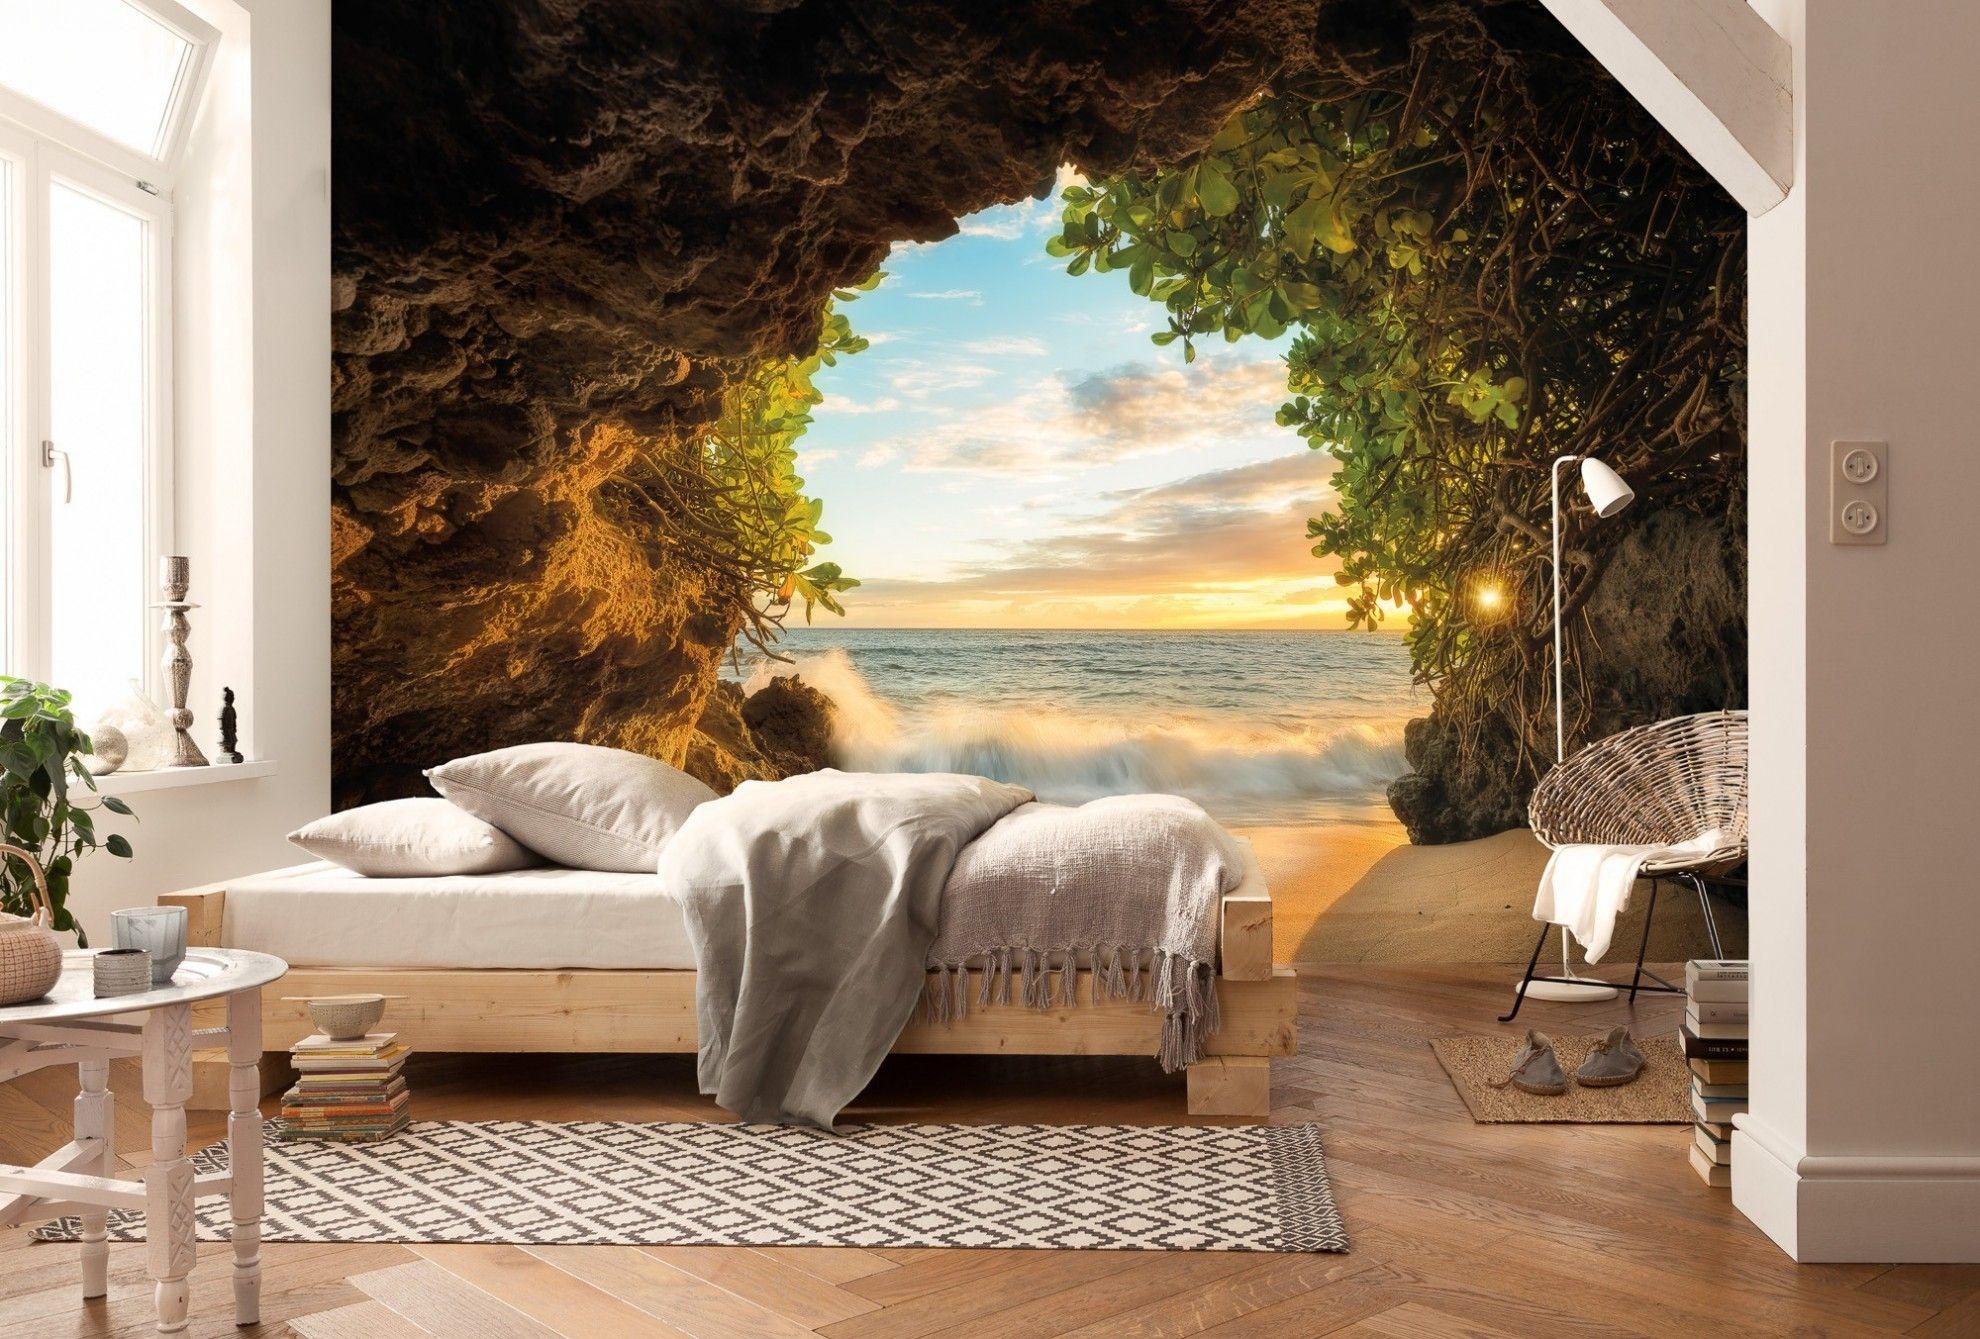 New Fototapete Steinwand 3d Effekt Vlies Wand Tapete Wohnzimmer Vianova Project Kindert 3d Wallpaper For Walls Beautiful Bedroom Designs 3d Wallpaper Mural